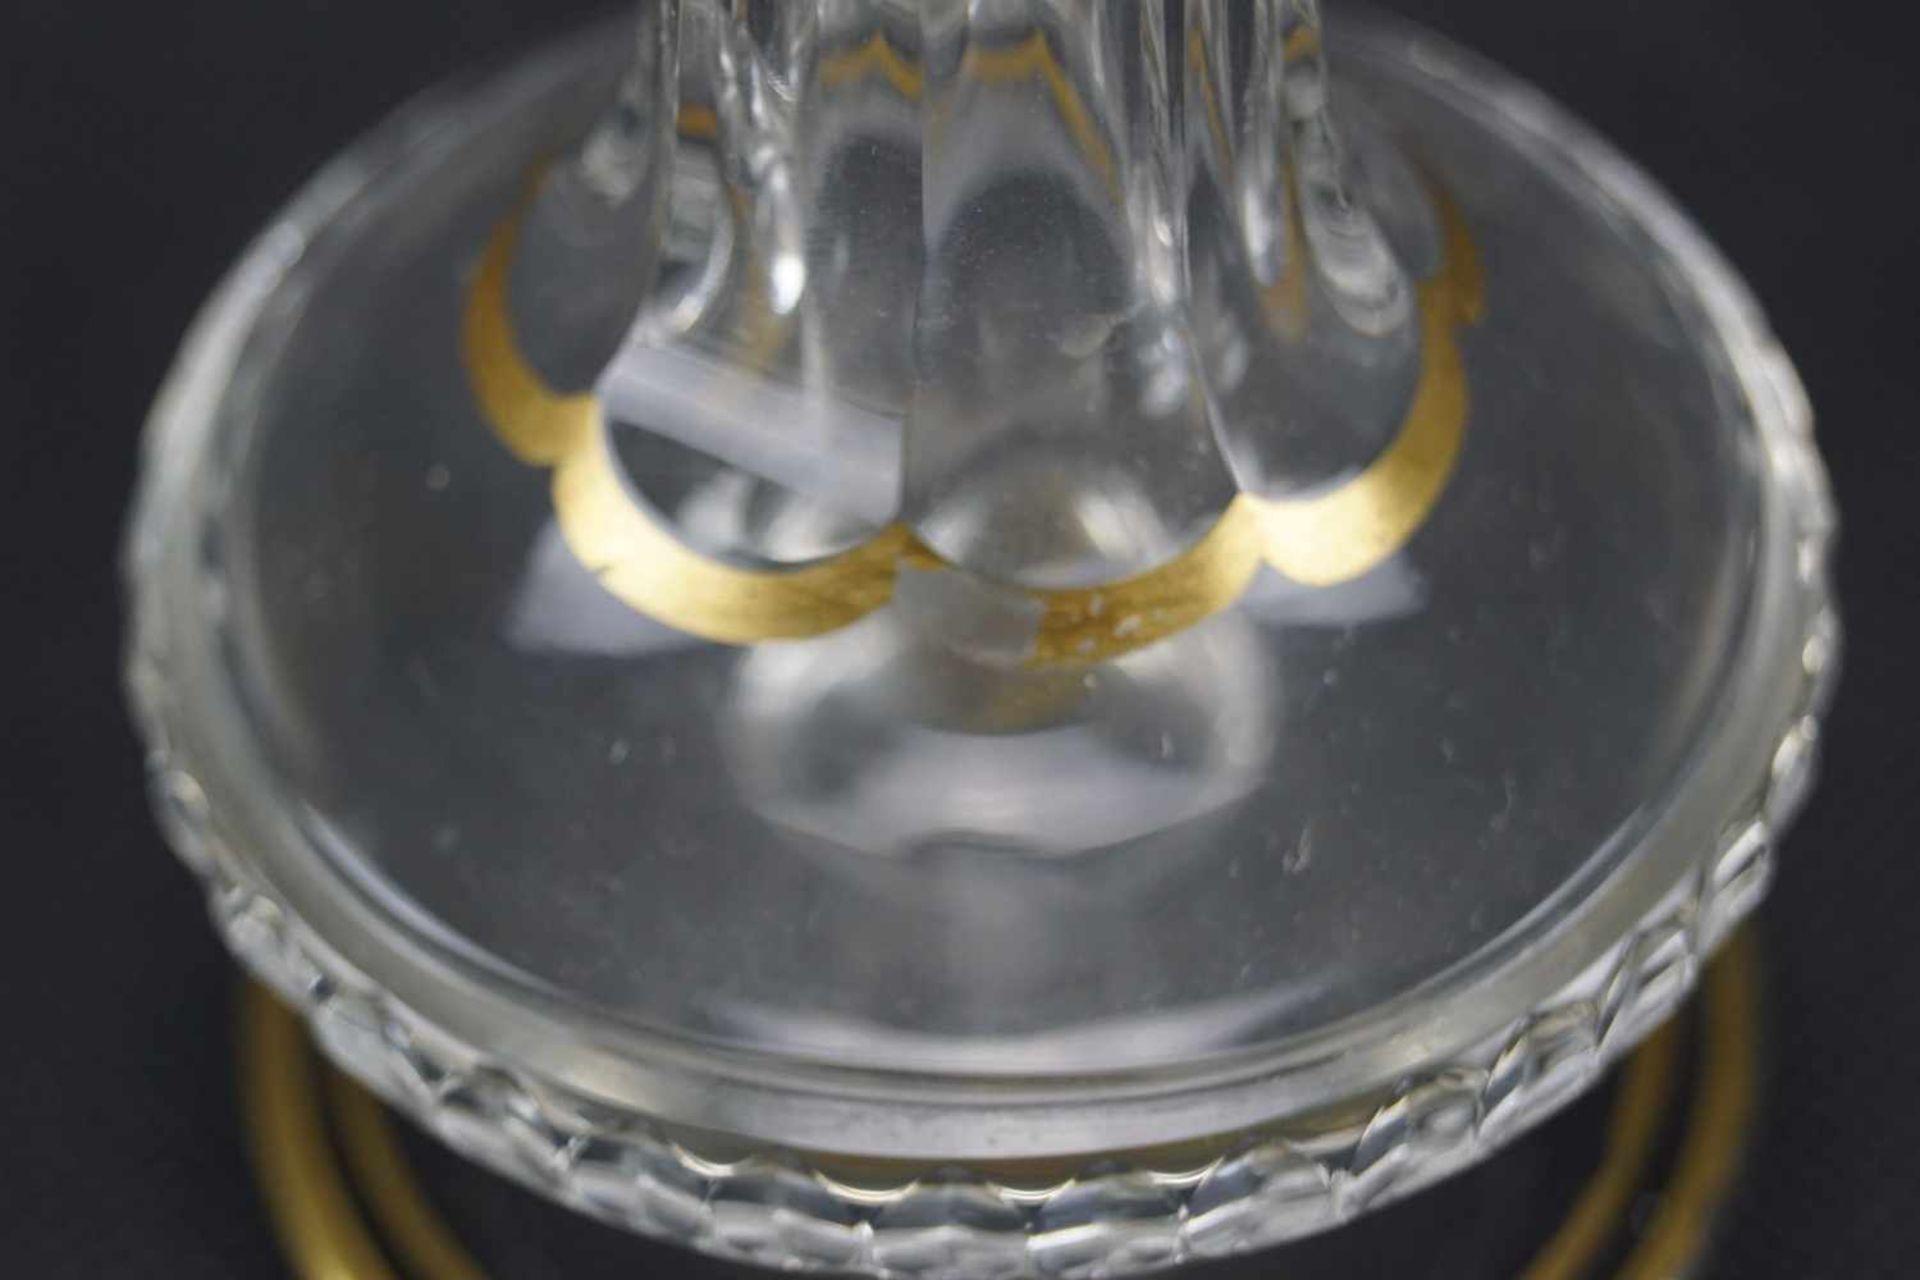 Vase, Saint Louis Mit Ätzmarke versehen, Serie Thistle Gold, Höhe 17,5 cm, Gold berieben, eine - Bild 4 aus 5